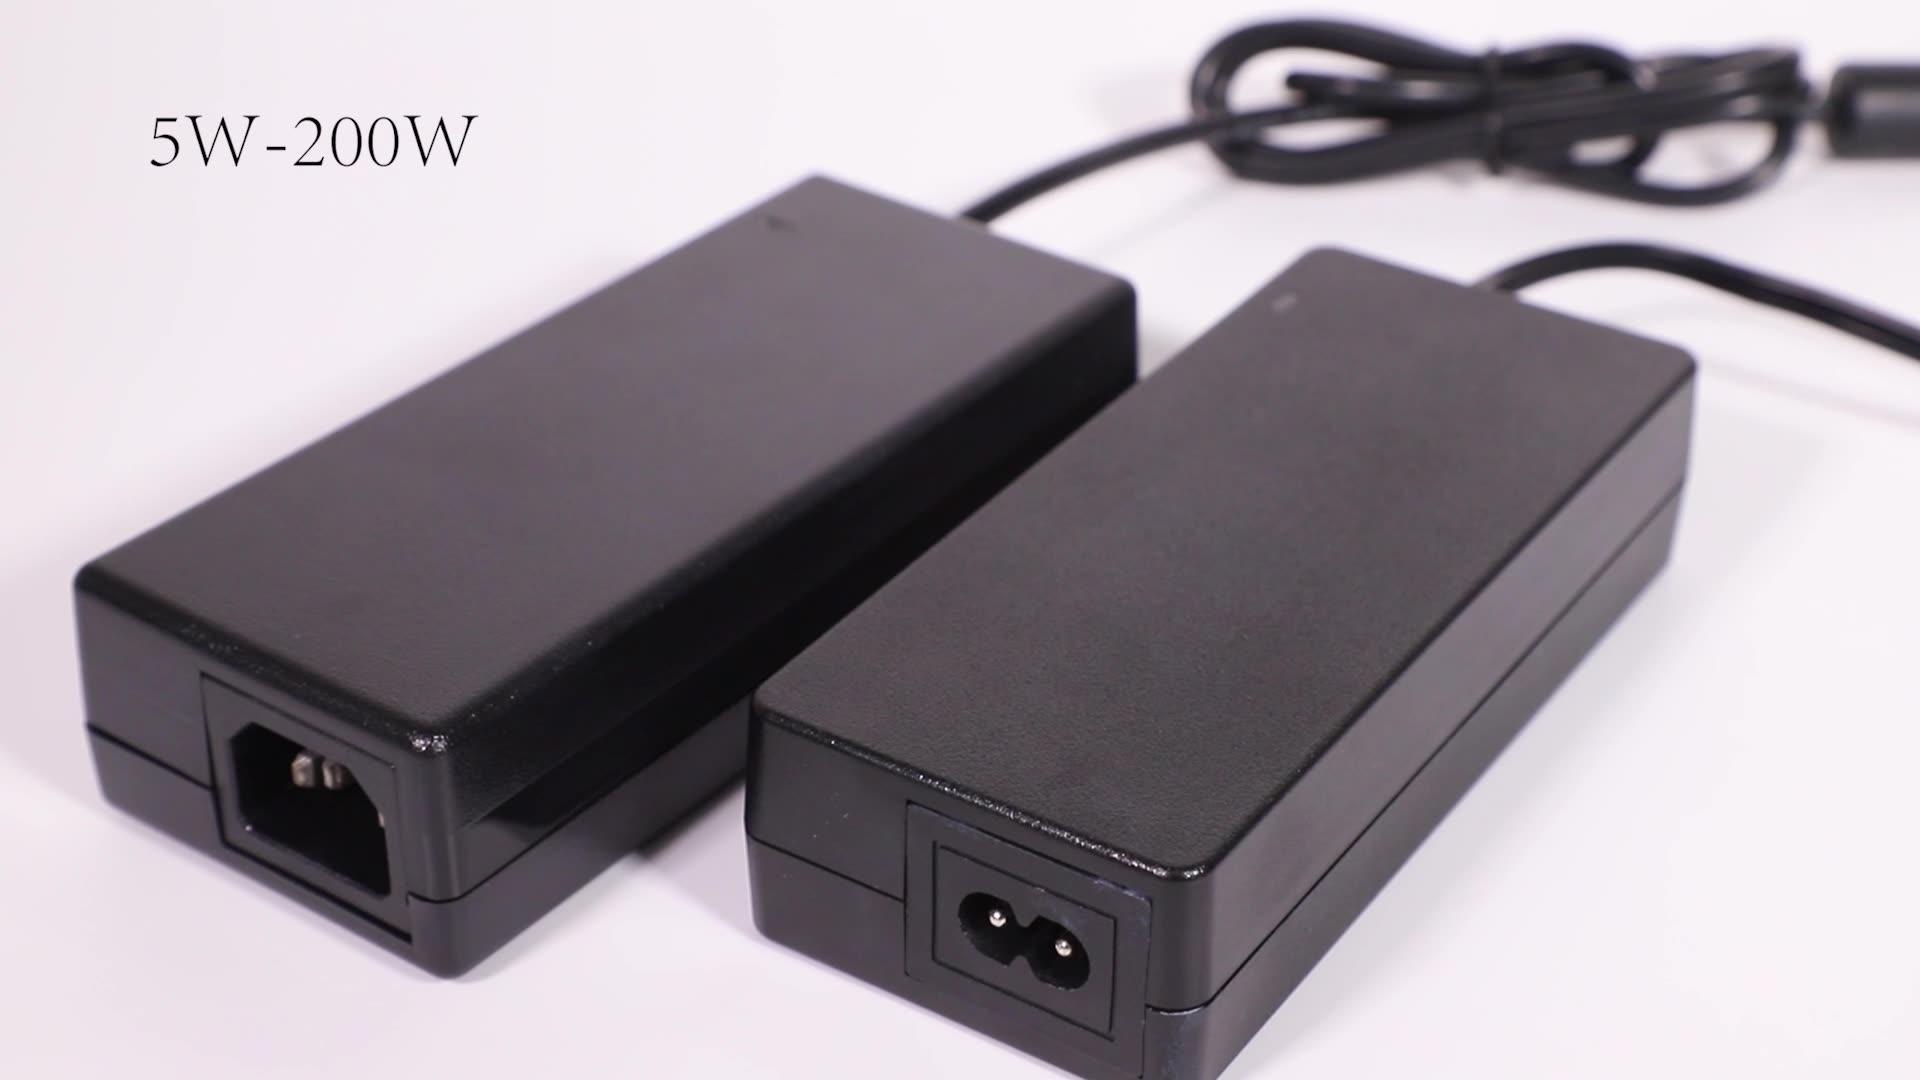 120 12 Volt Trasformatore 110v 220v 230v A Doe 6 Unità Ac Adattatore 96w 100w 12 v 8a Smps Led Dc Switching Power Supply